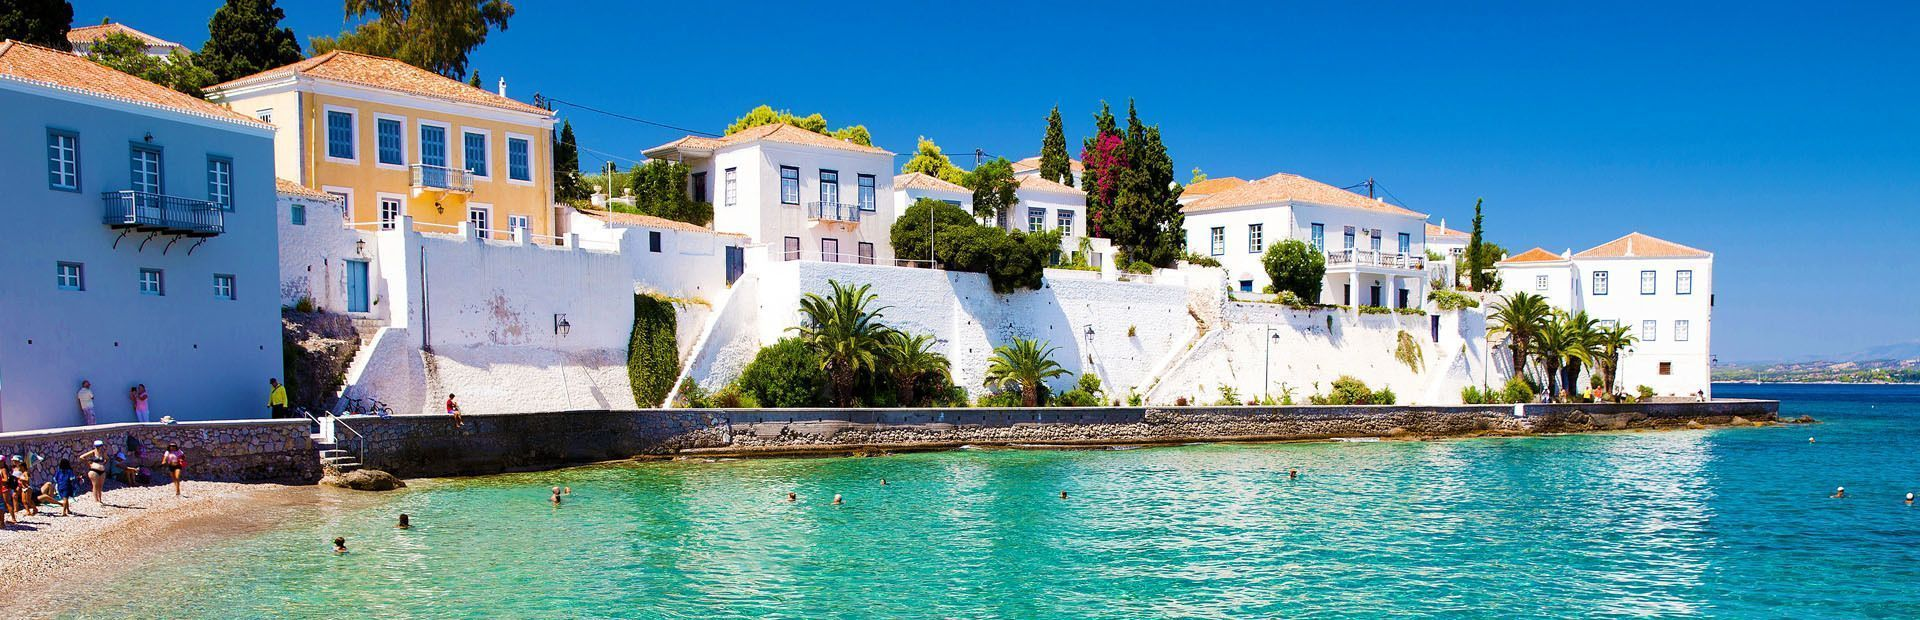 Grecia: Golfo di Saronico Sail Adventure